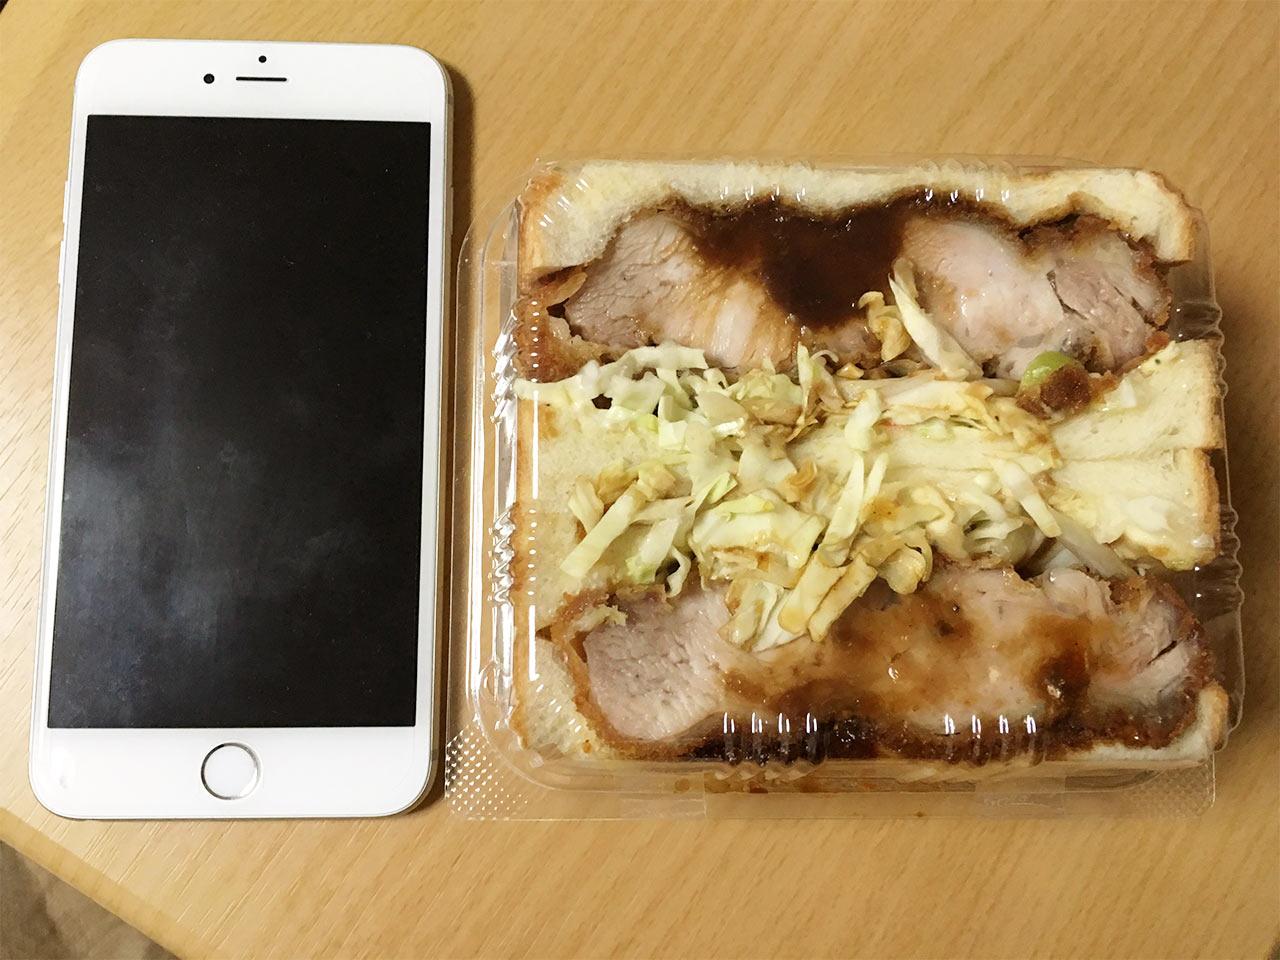 武蔵小山のパン屋nemoのチキンカツサンド大きさ比較